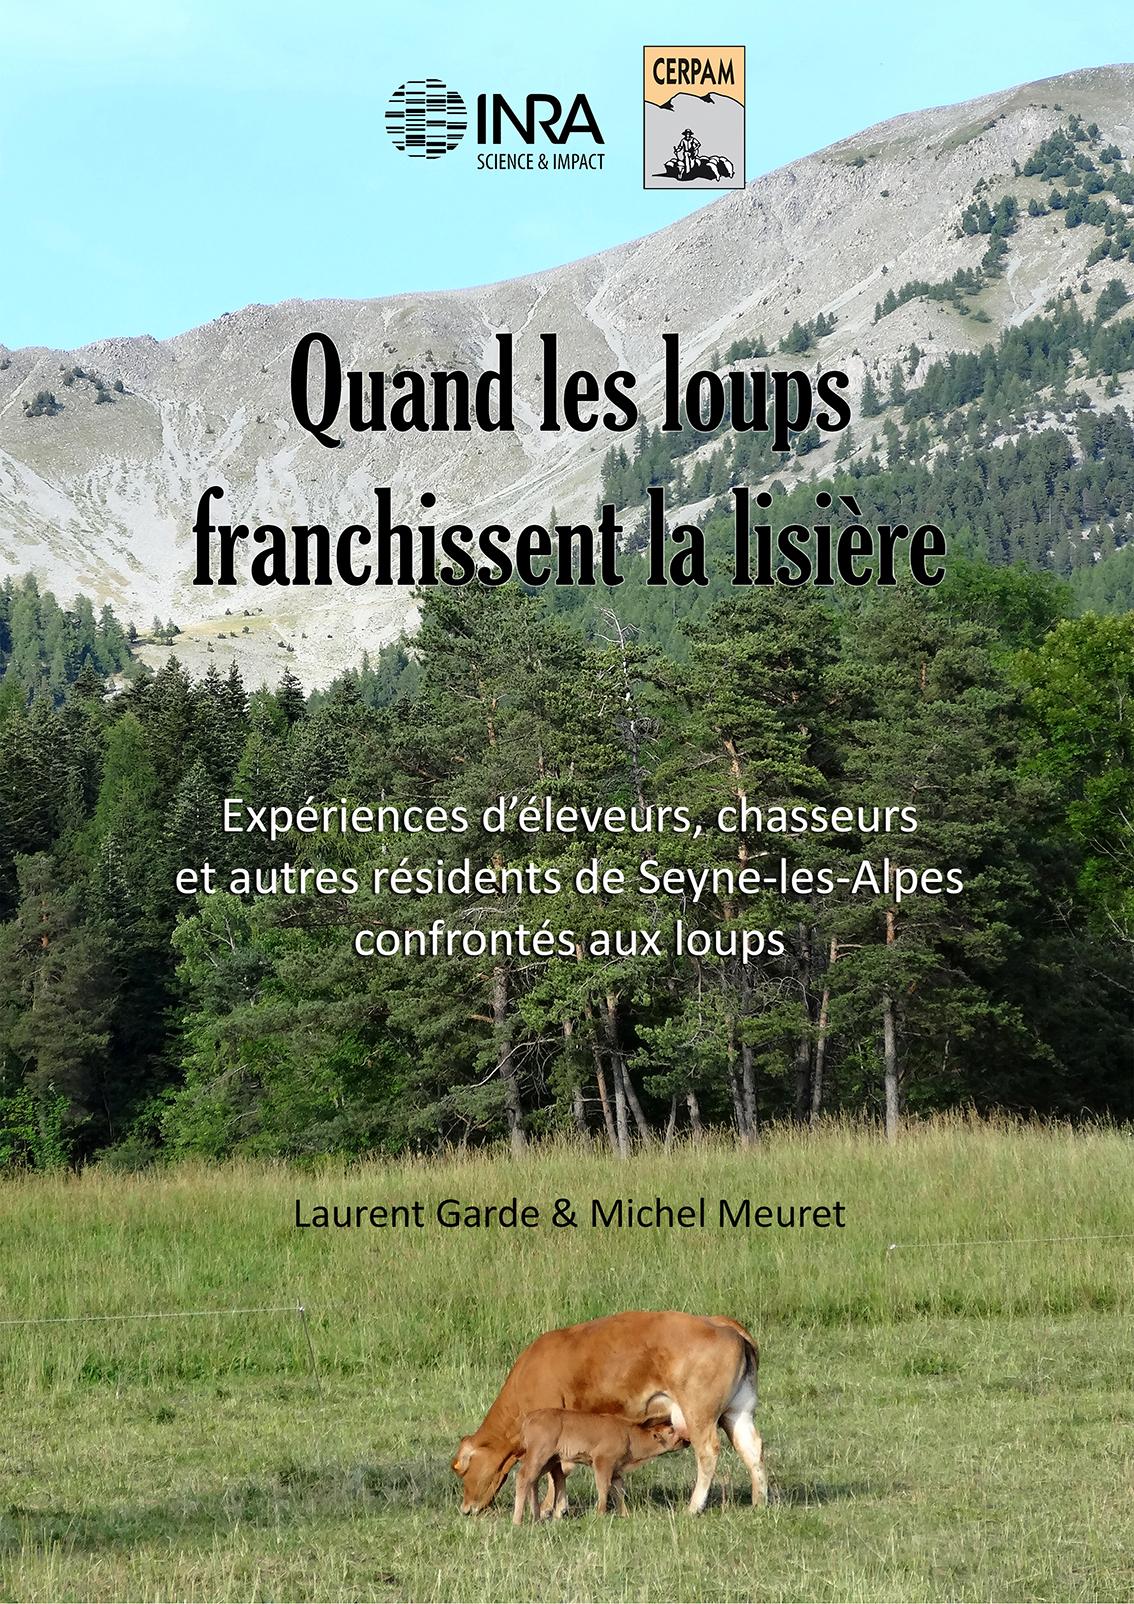 Quand les loups franchissent la lisière : Expériences d'éleveurs, chasseurs et autres résidents de Seyne-les-Alpes confrontés aux loups